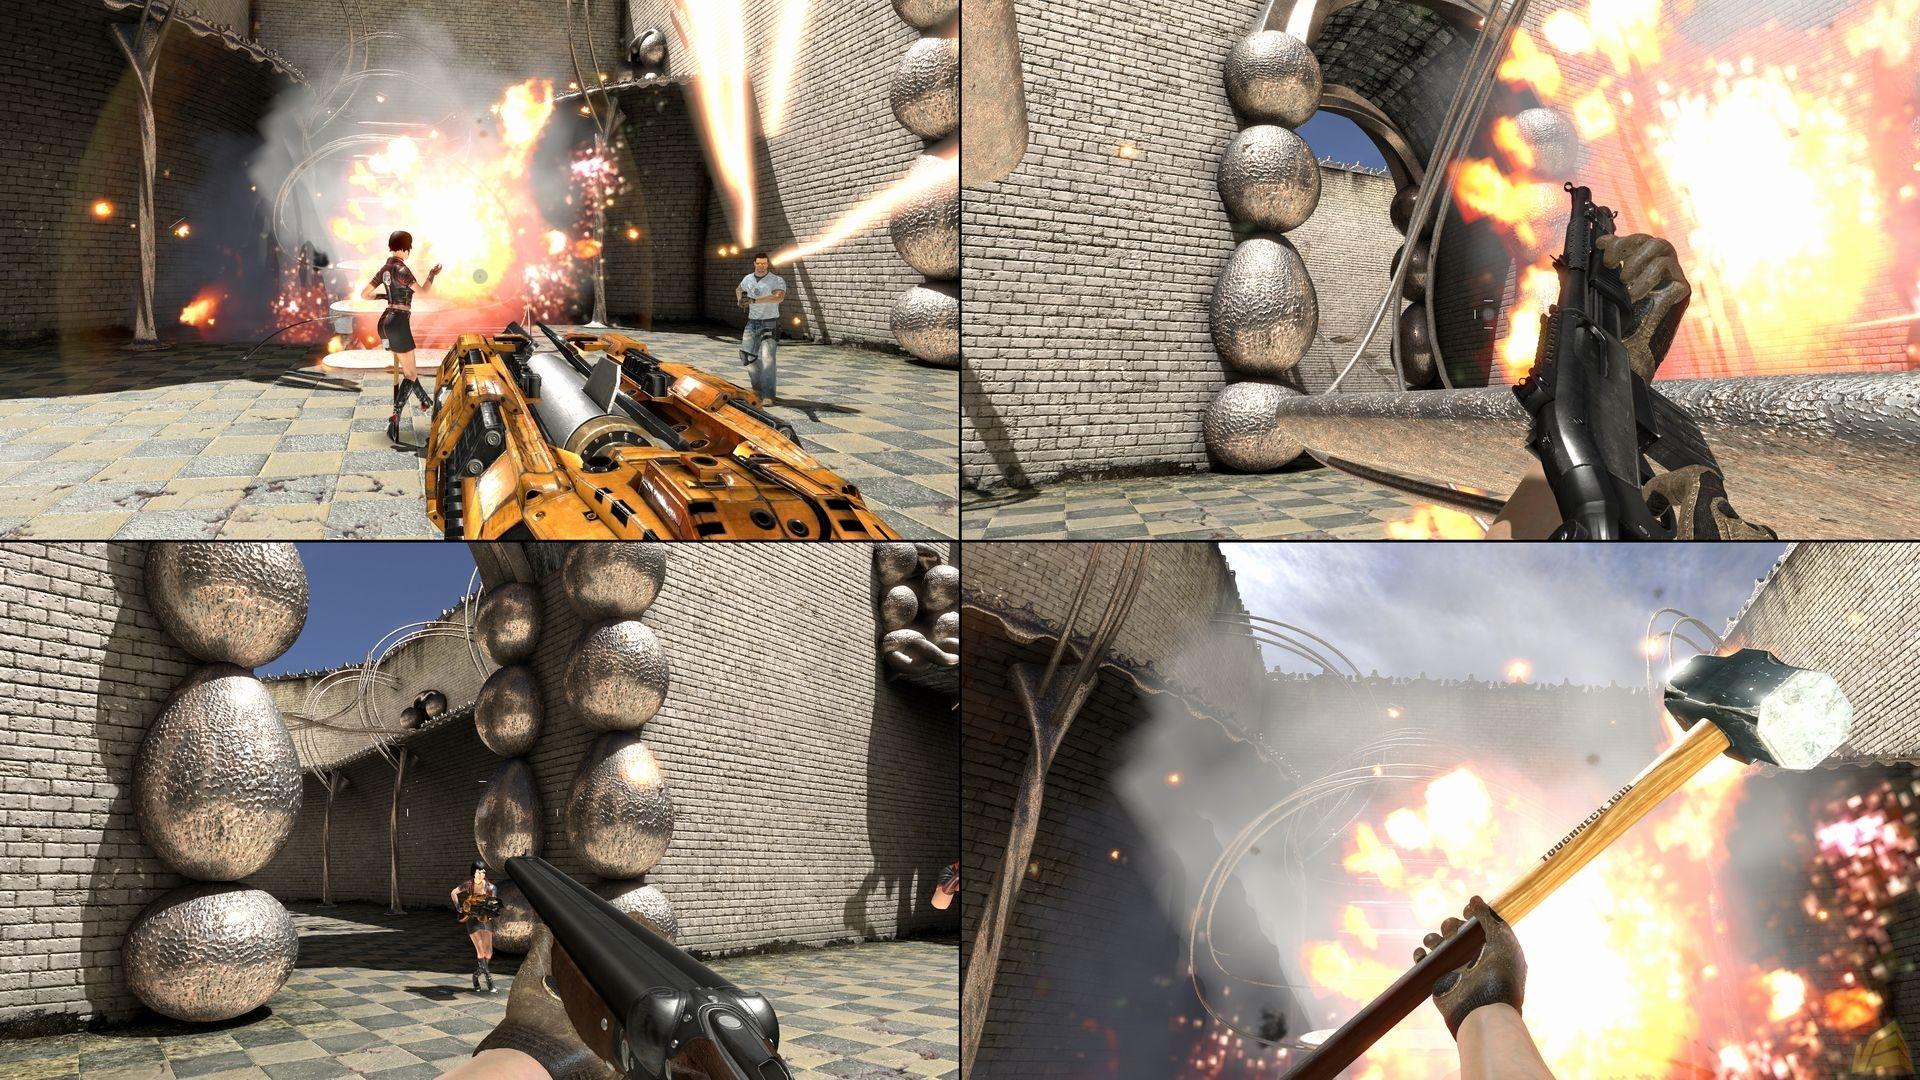 В сети появились новые скриншоты Serious Sam 3.